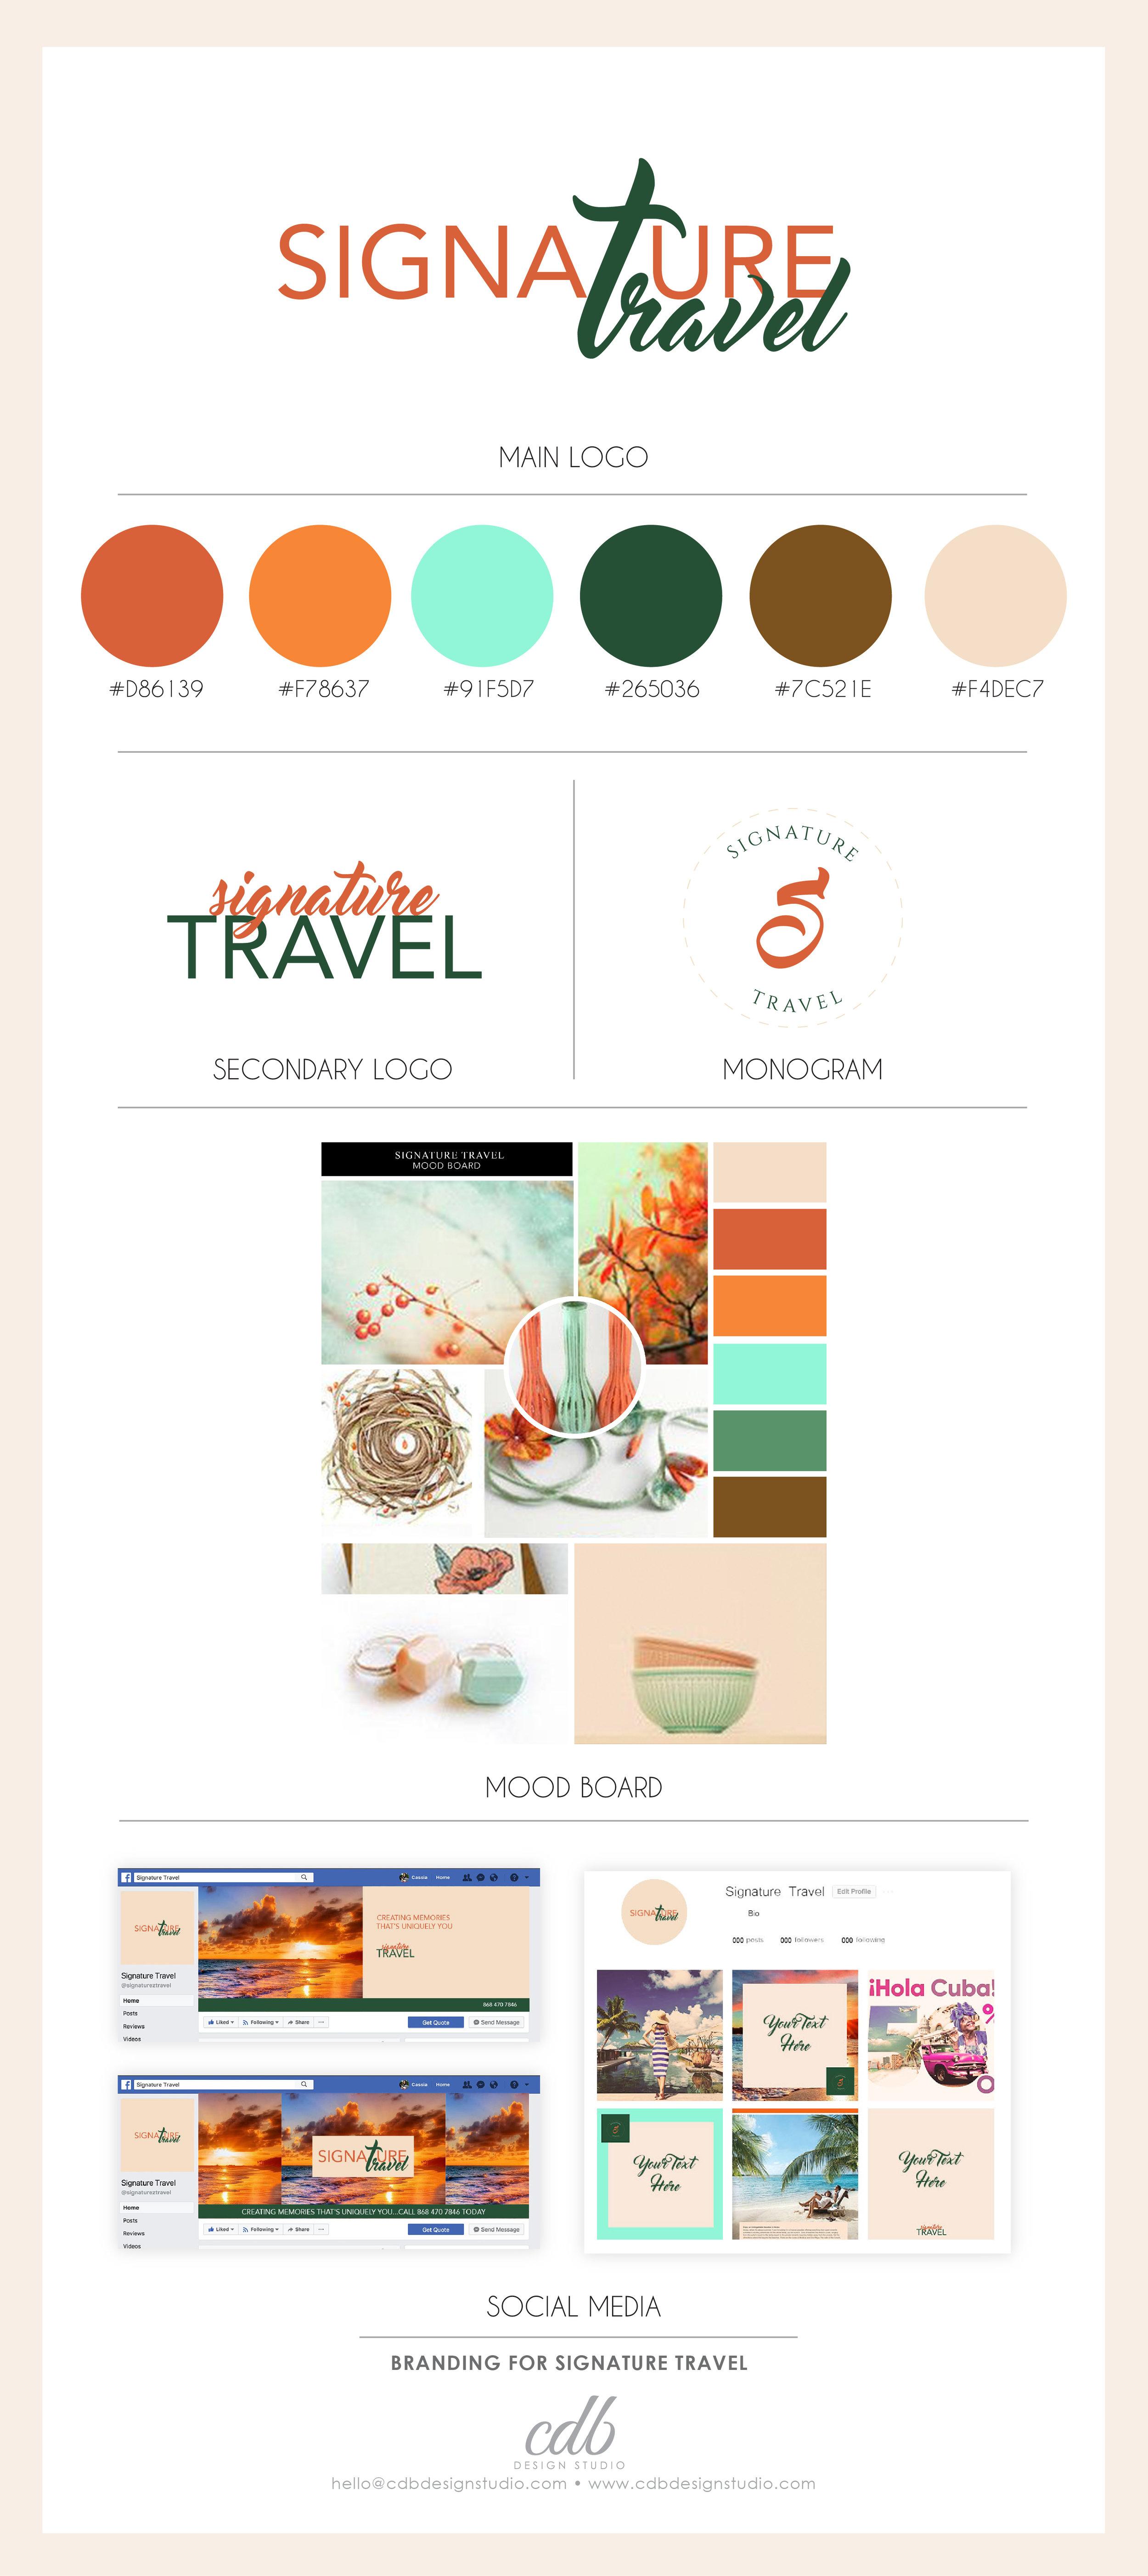 Signature Travel_Brand Board